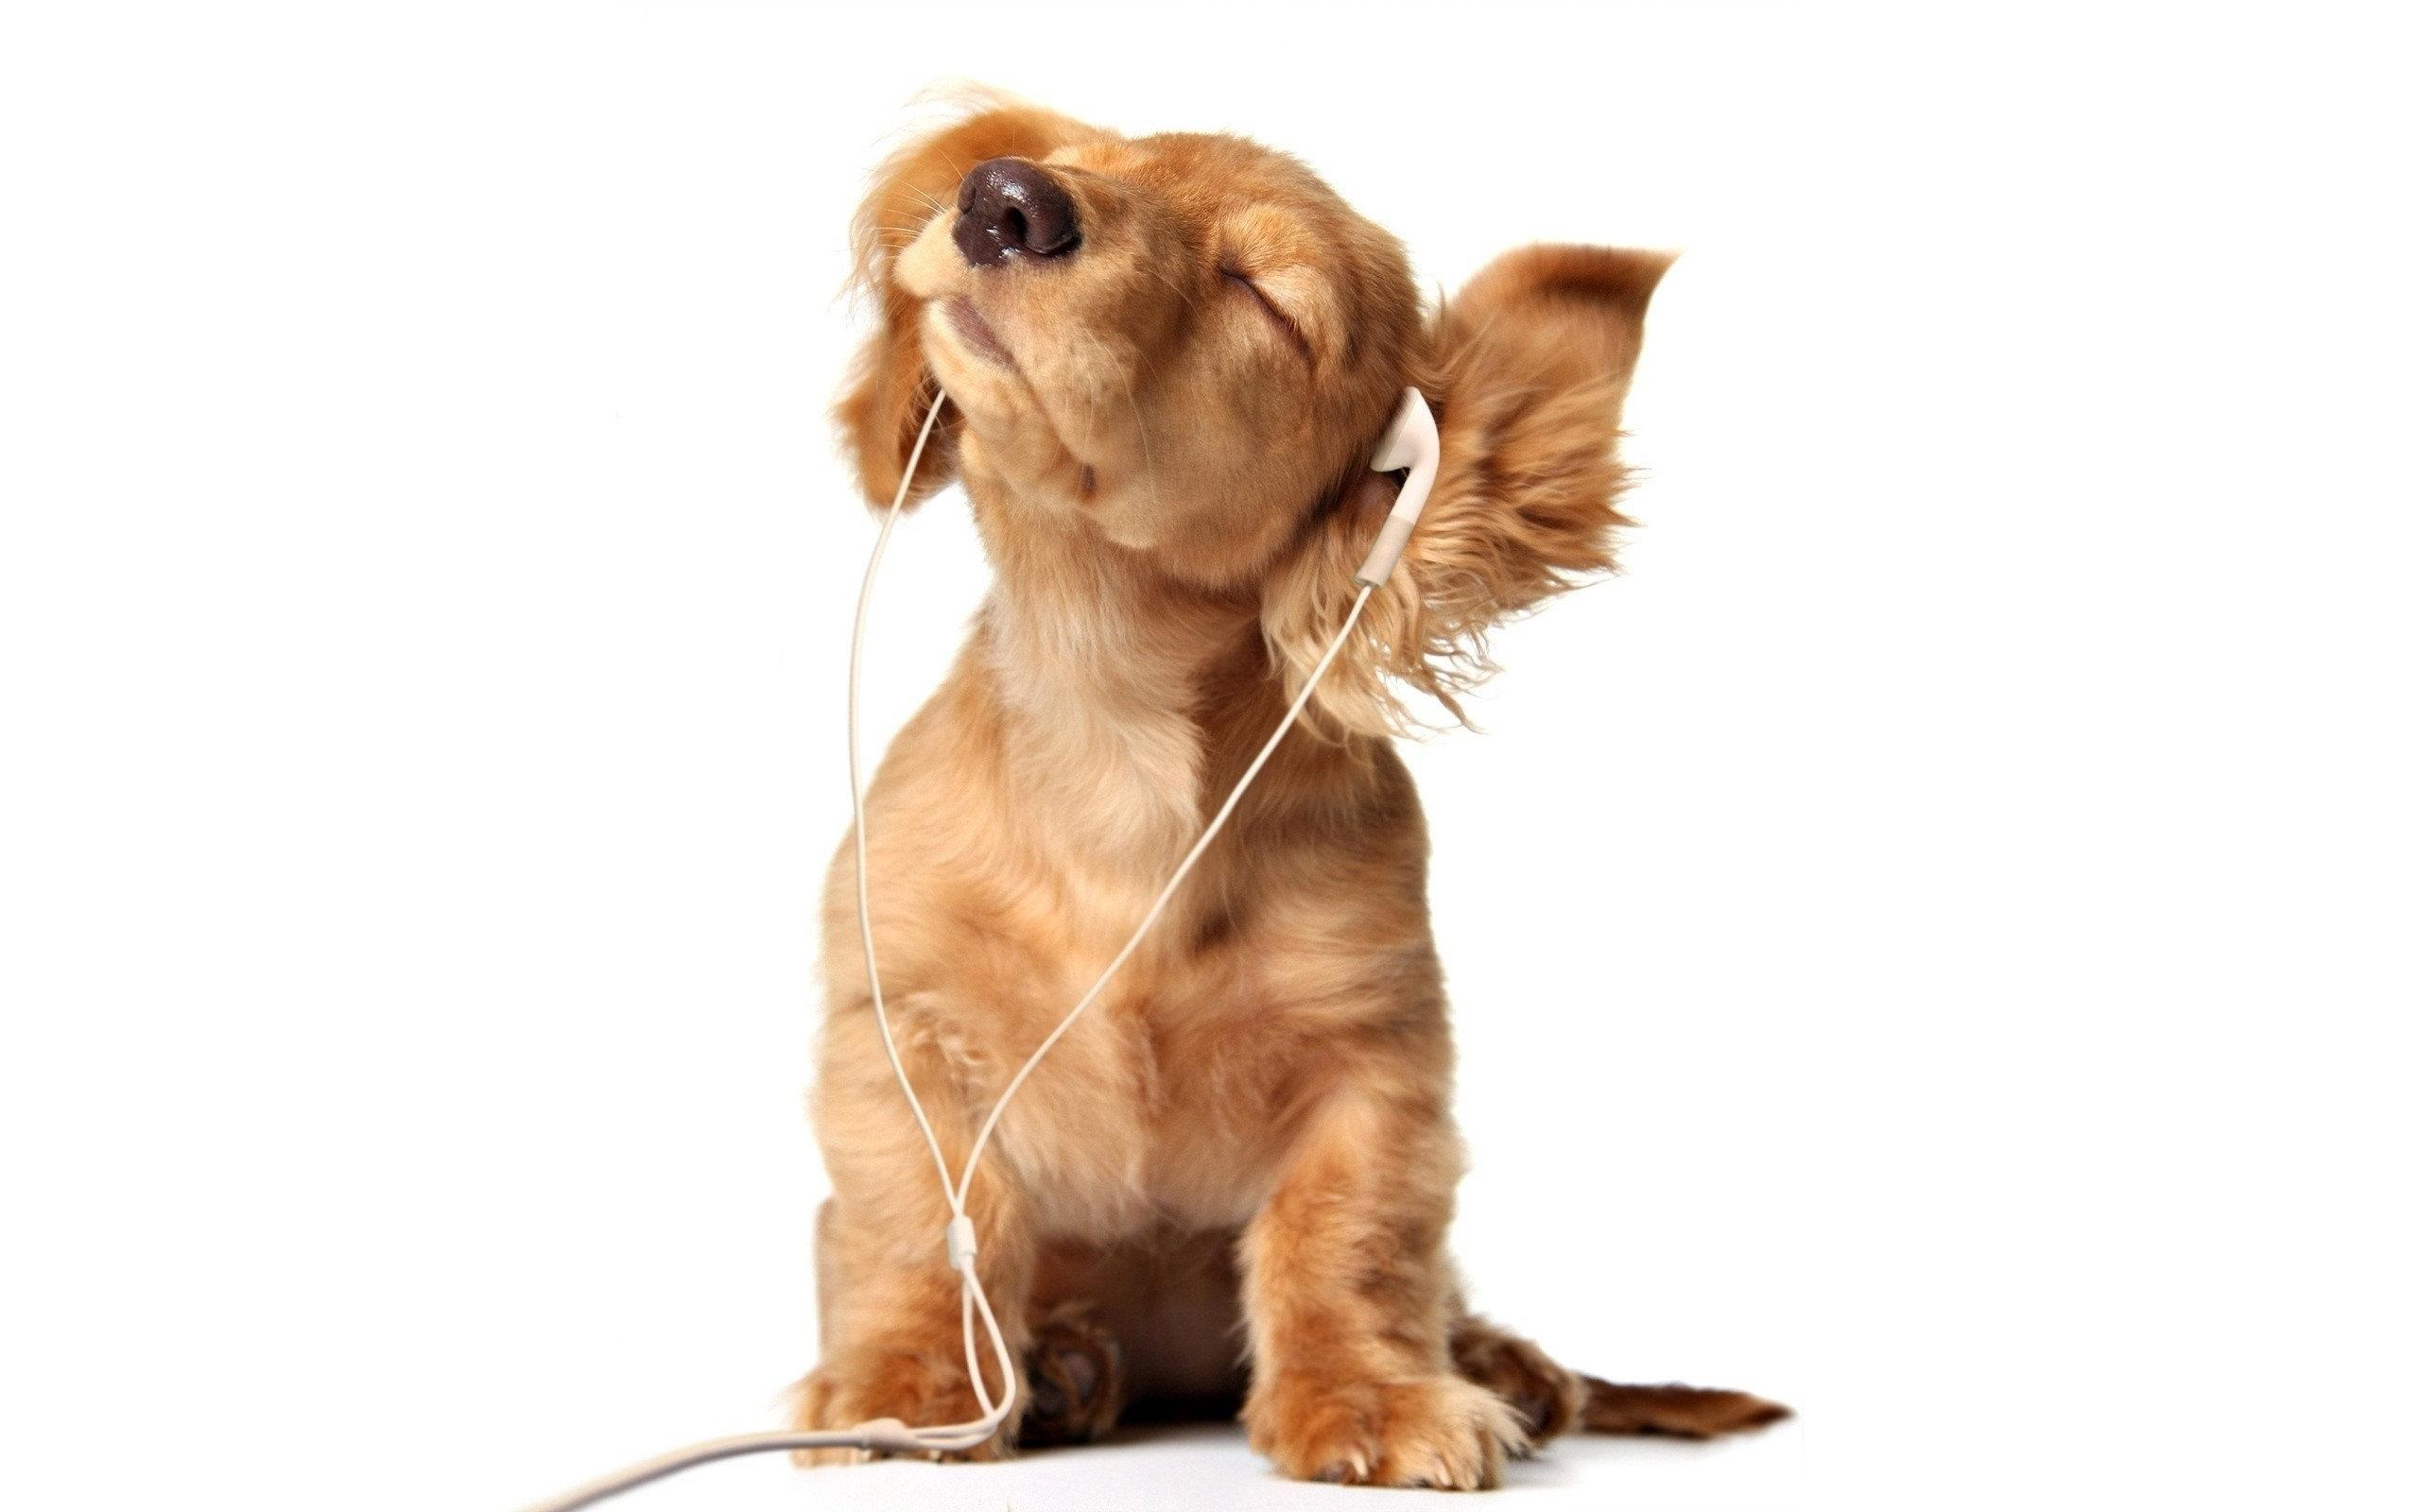 Perro con audífonos - 2560x1600